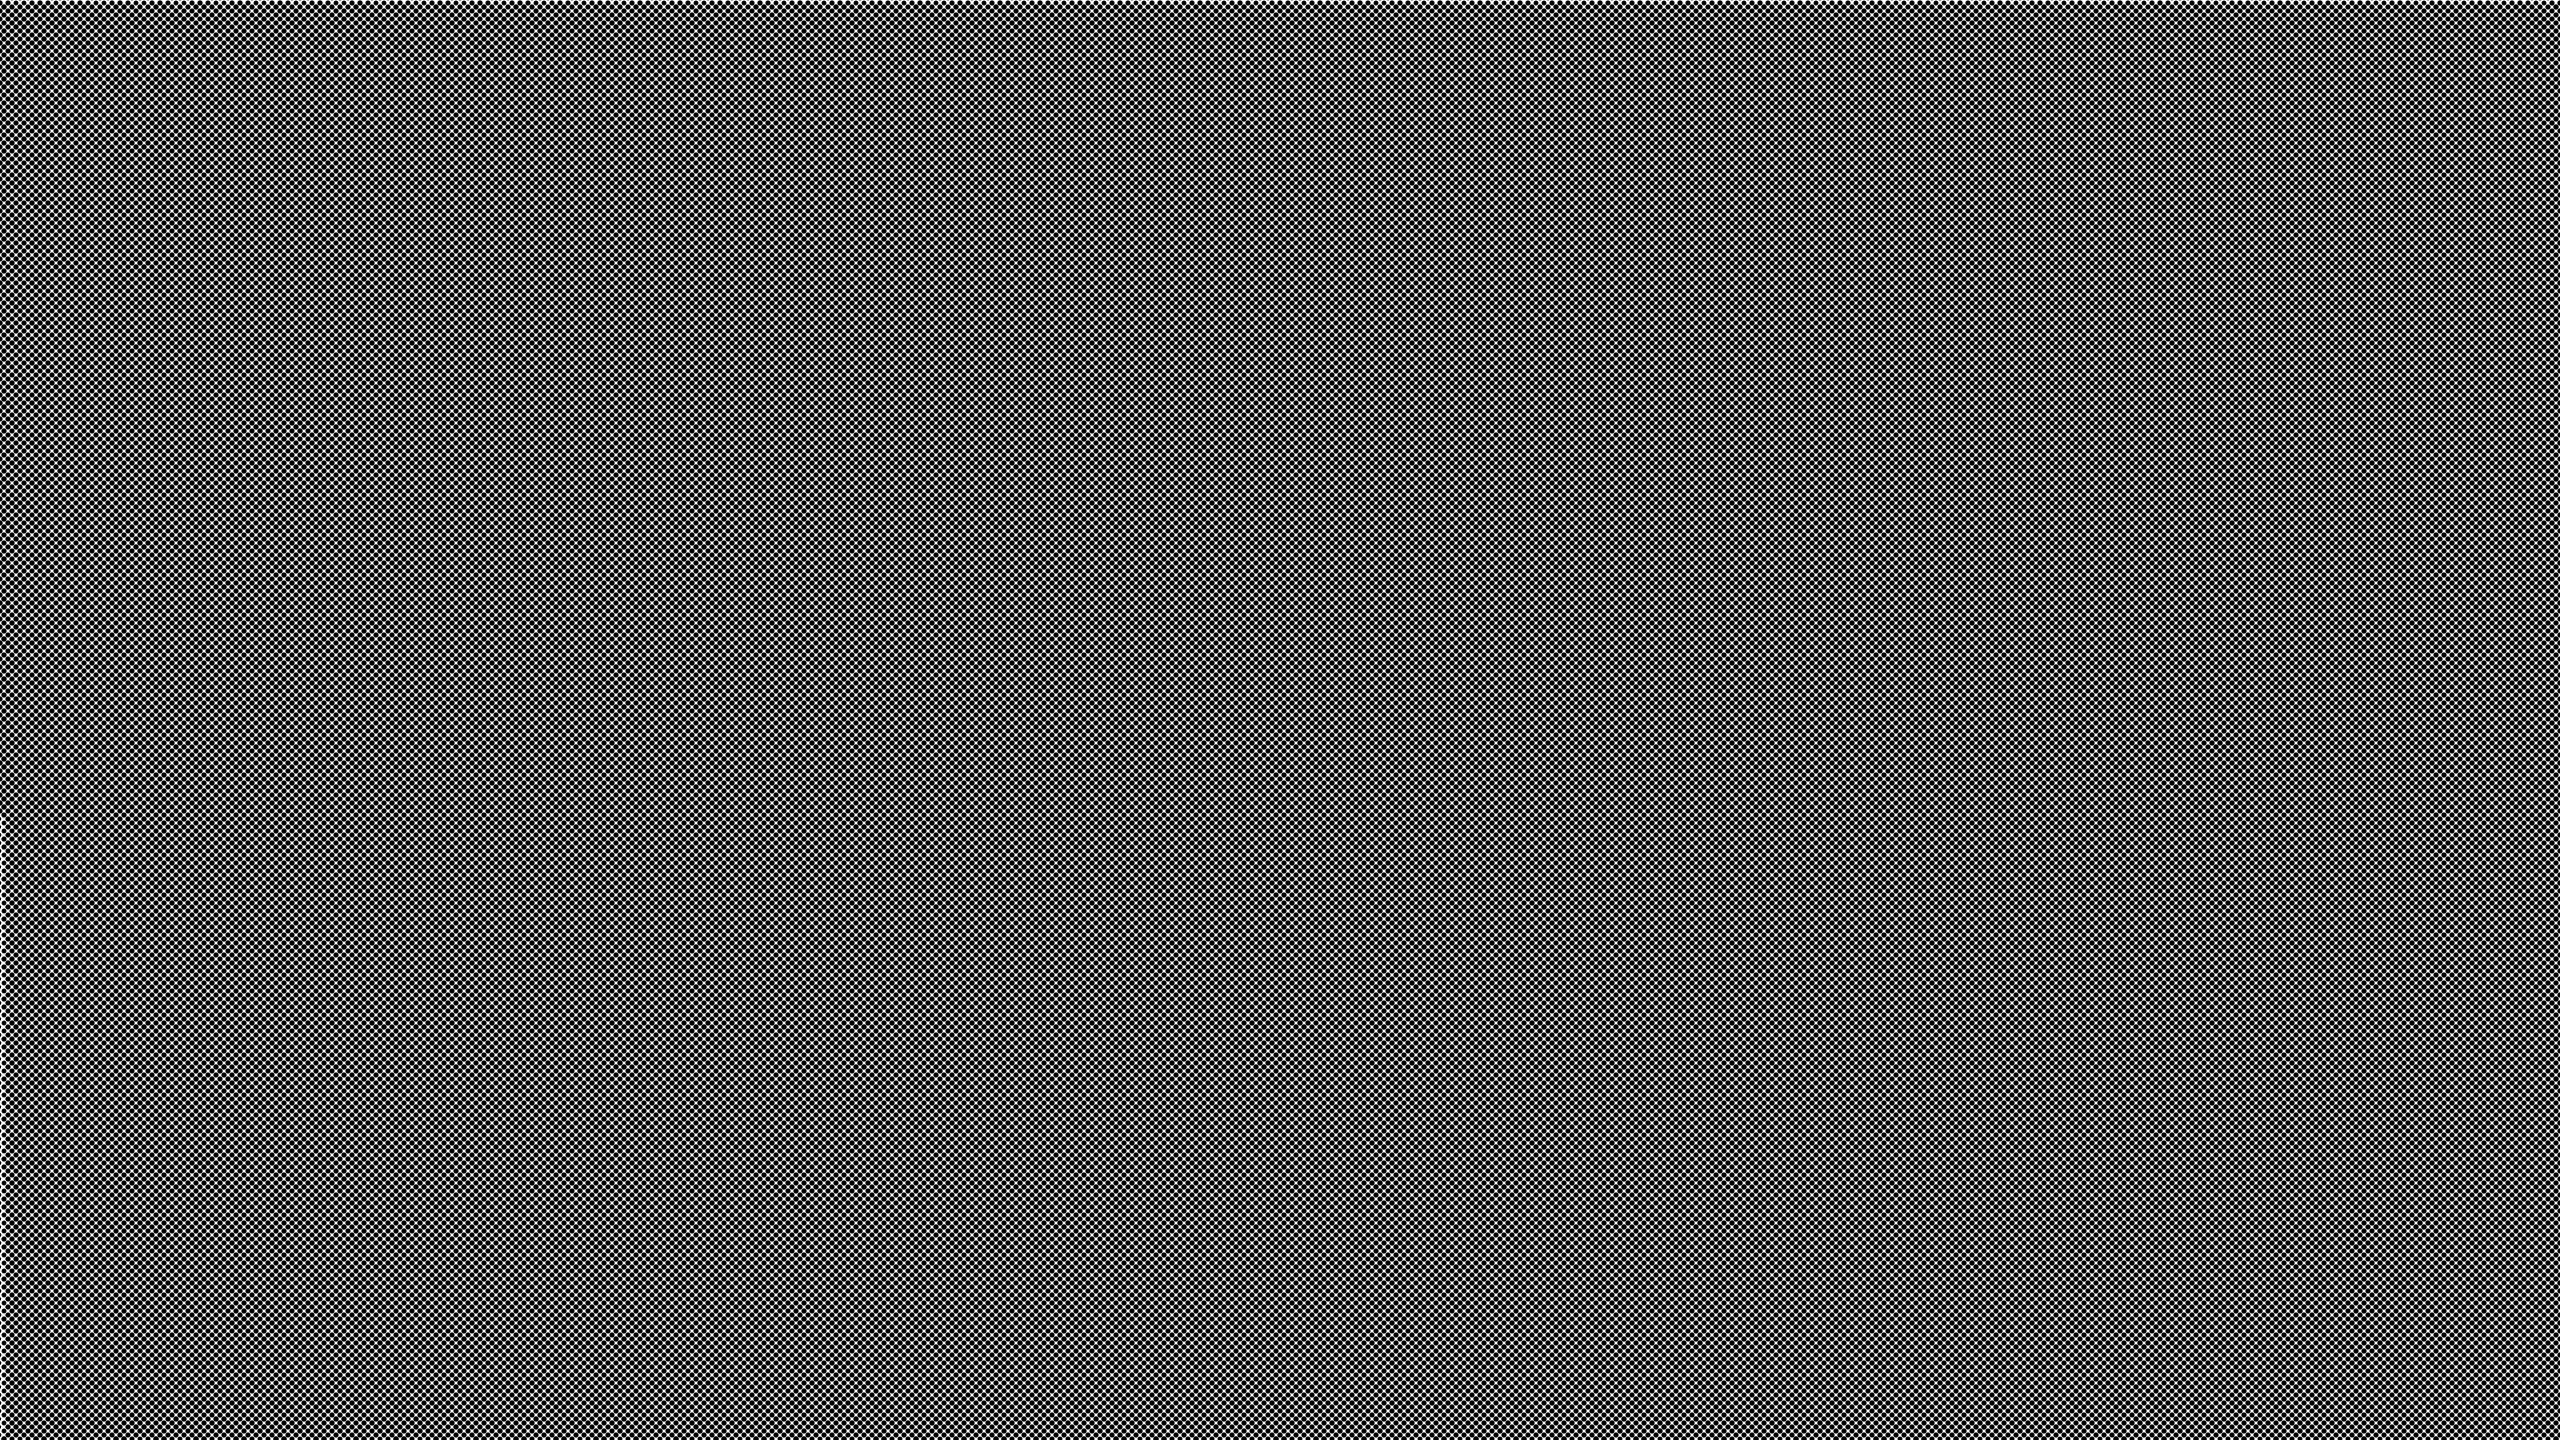 grey_image2_pixelate